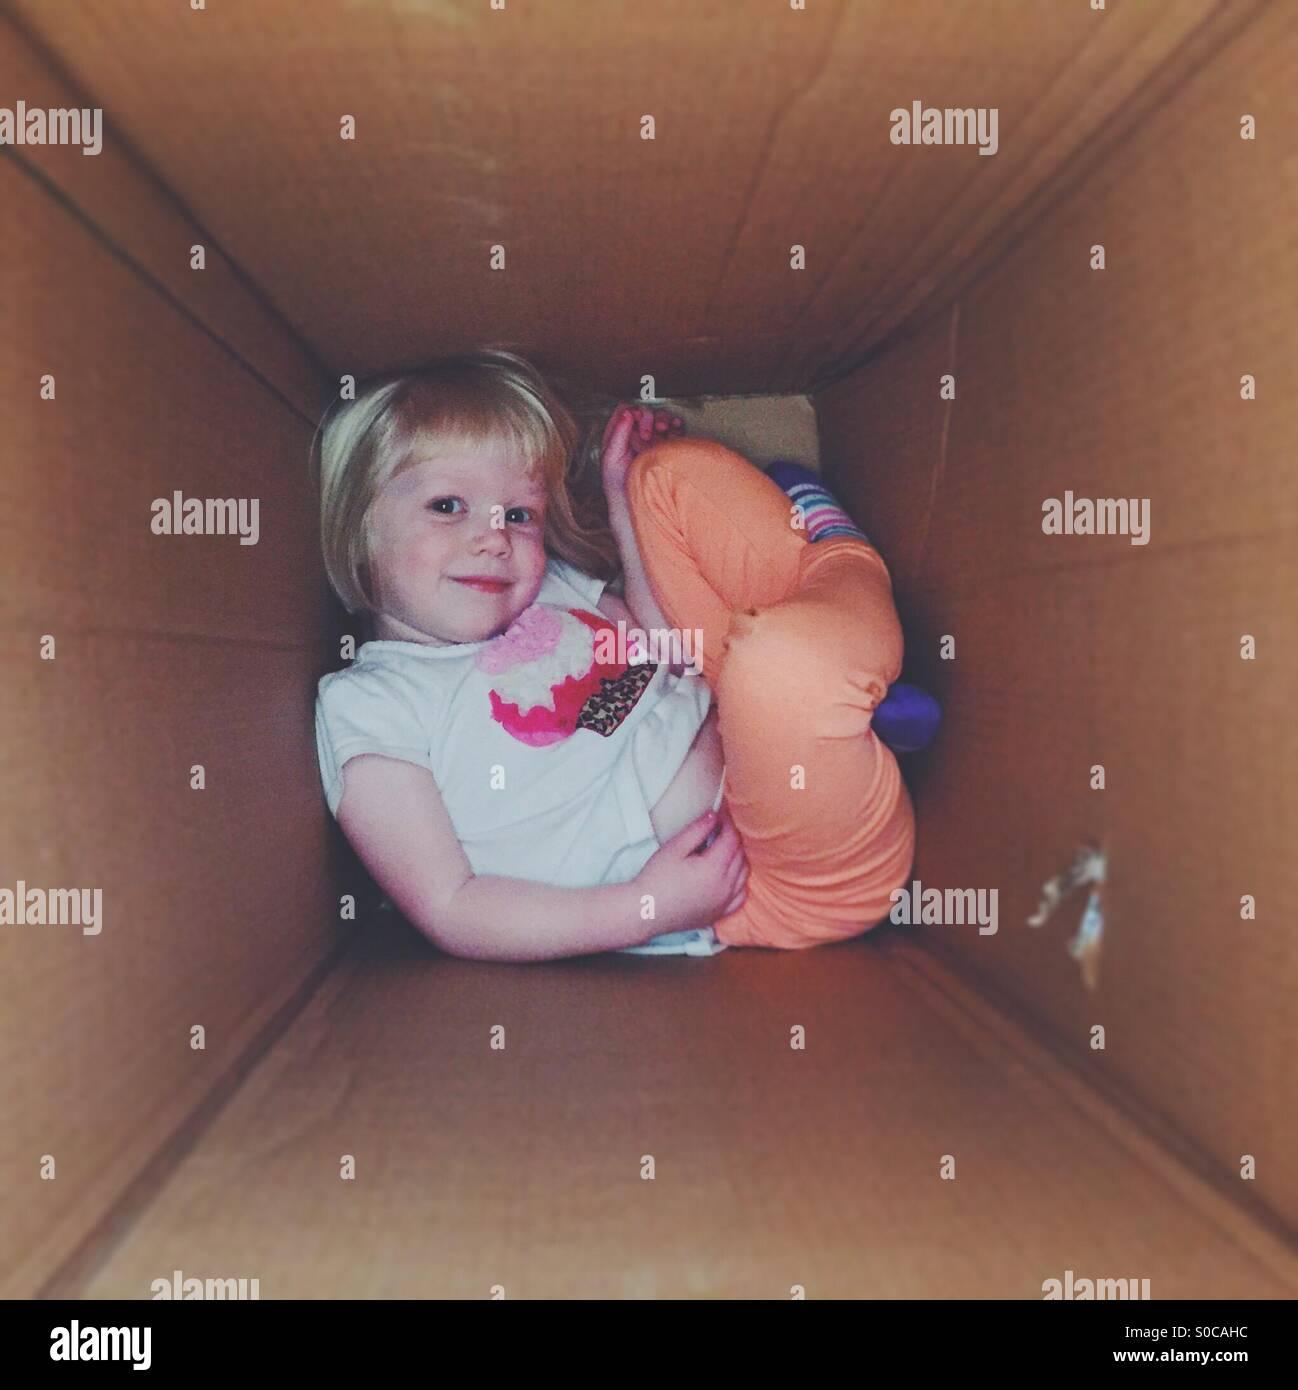 Joven rubia chica sonriente y planteando mientras se juega en una gran caja de cartón. Imagen De Stock